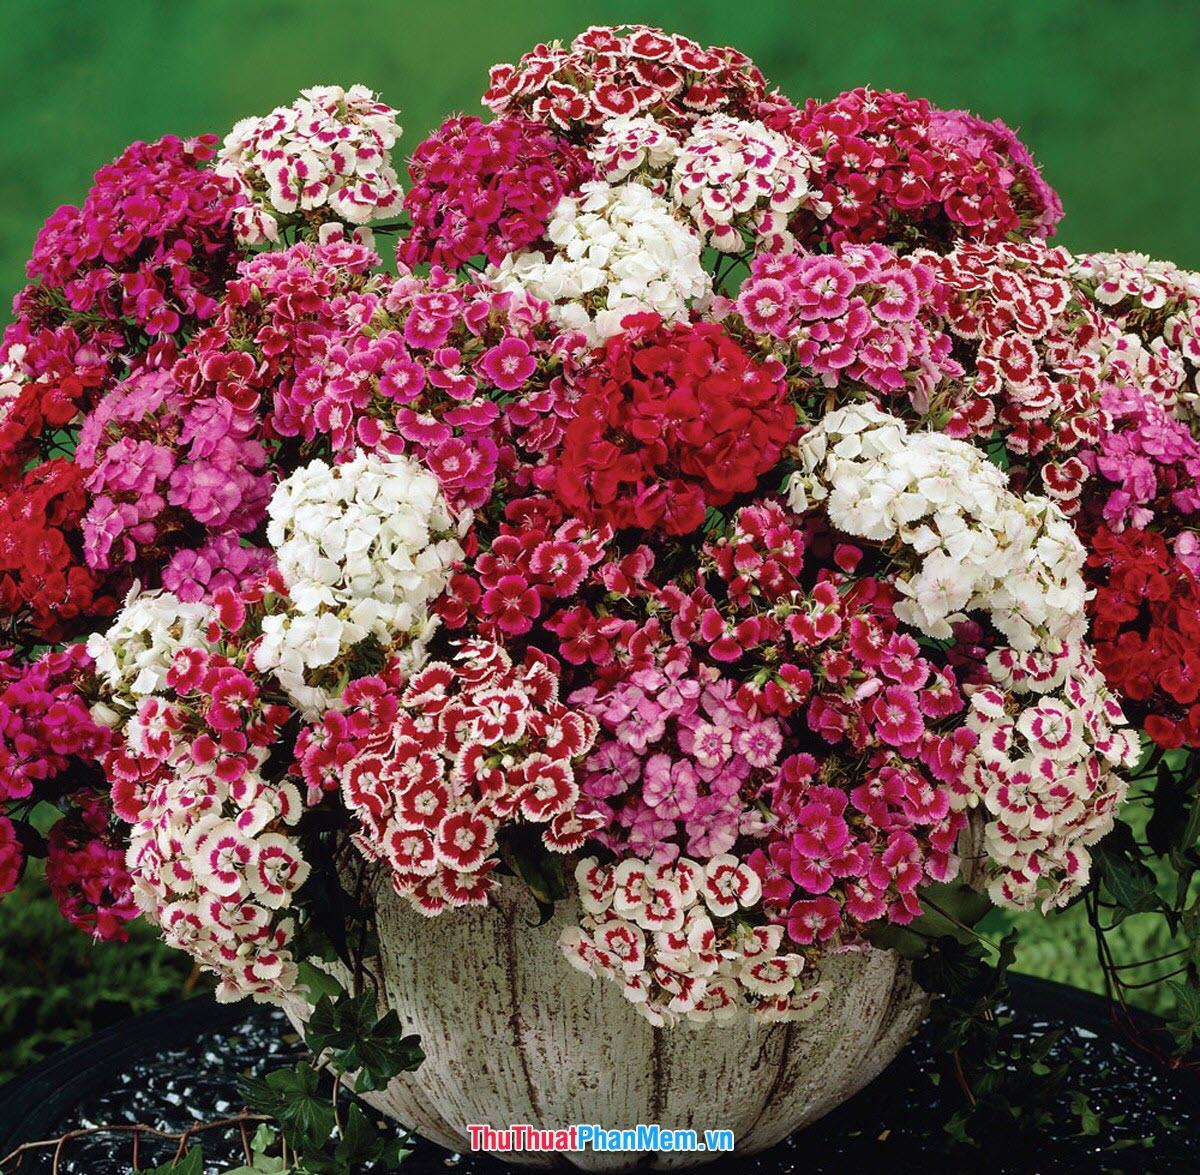 Chậu hoa cẩm chướng khoe sắc để tặng vợ và người yêu nhân ngày mùng 8 tháng 3